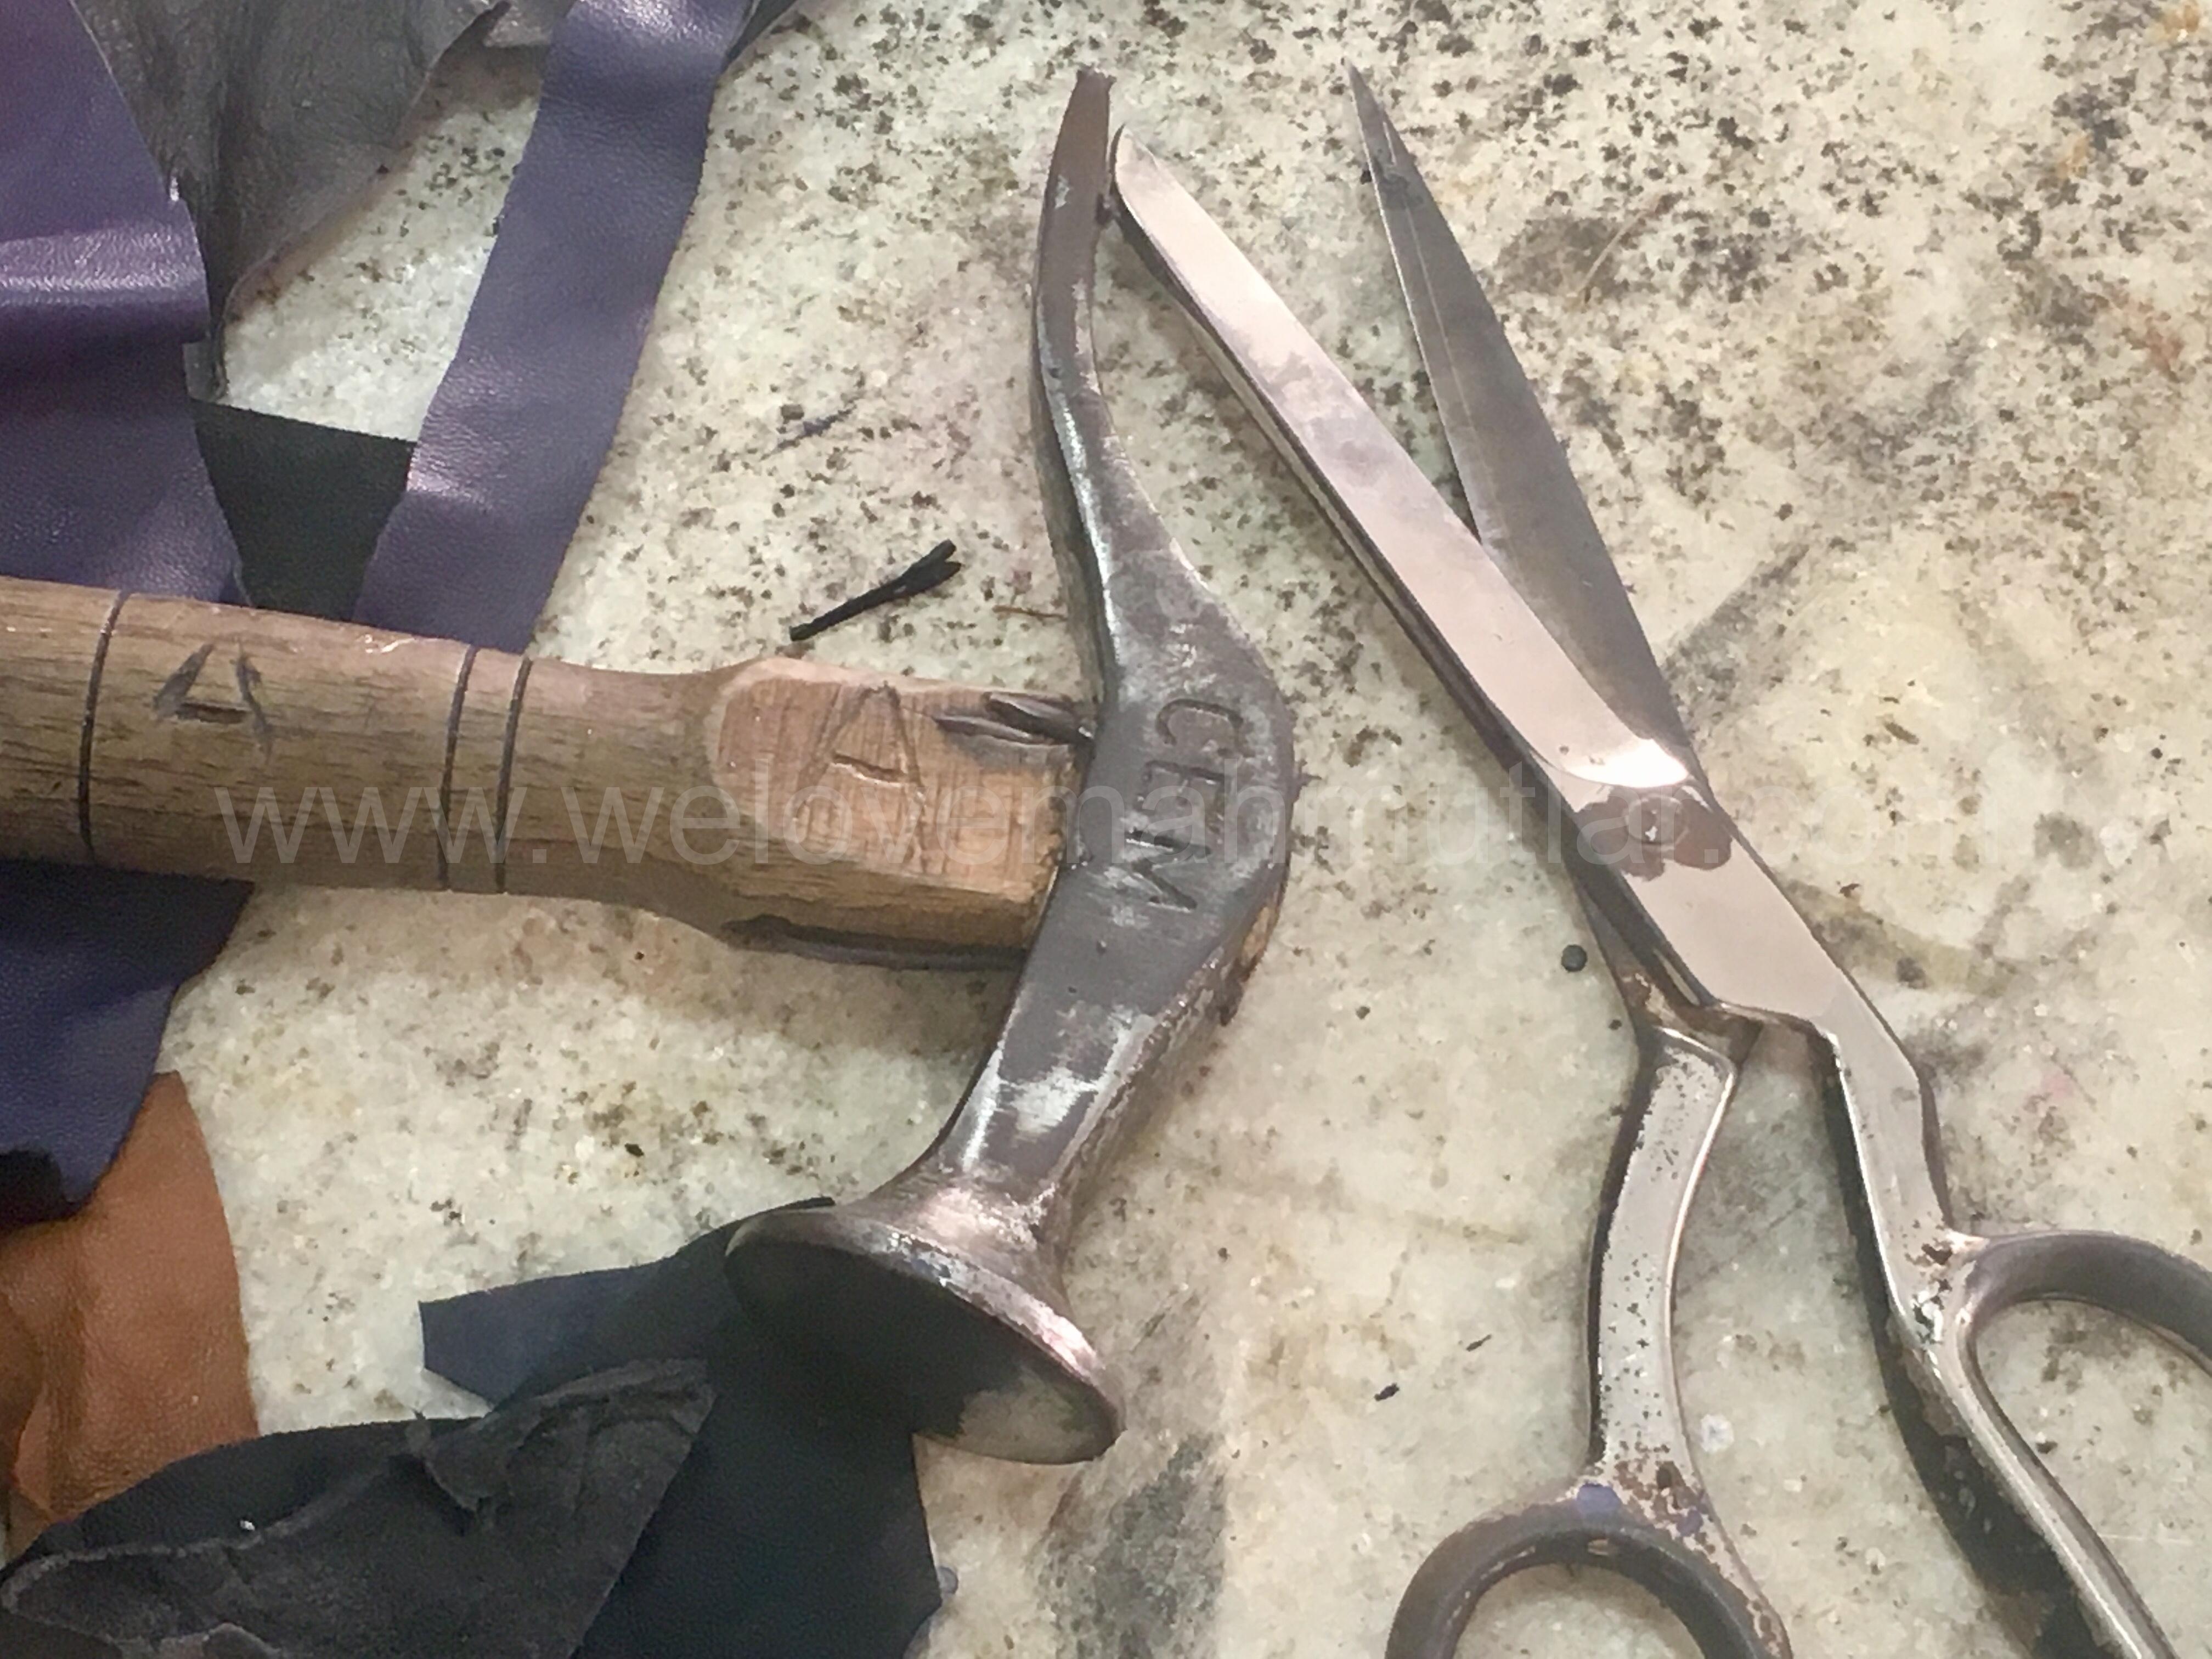 leather and bag repair shop in Mahmutlar